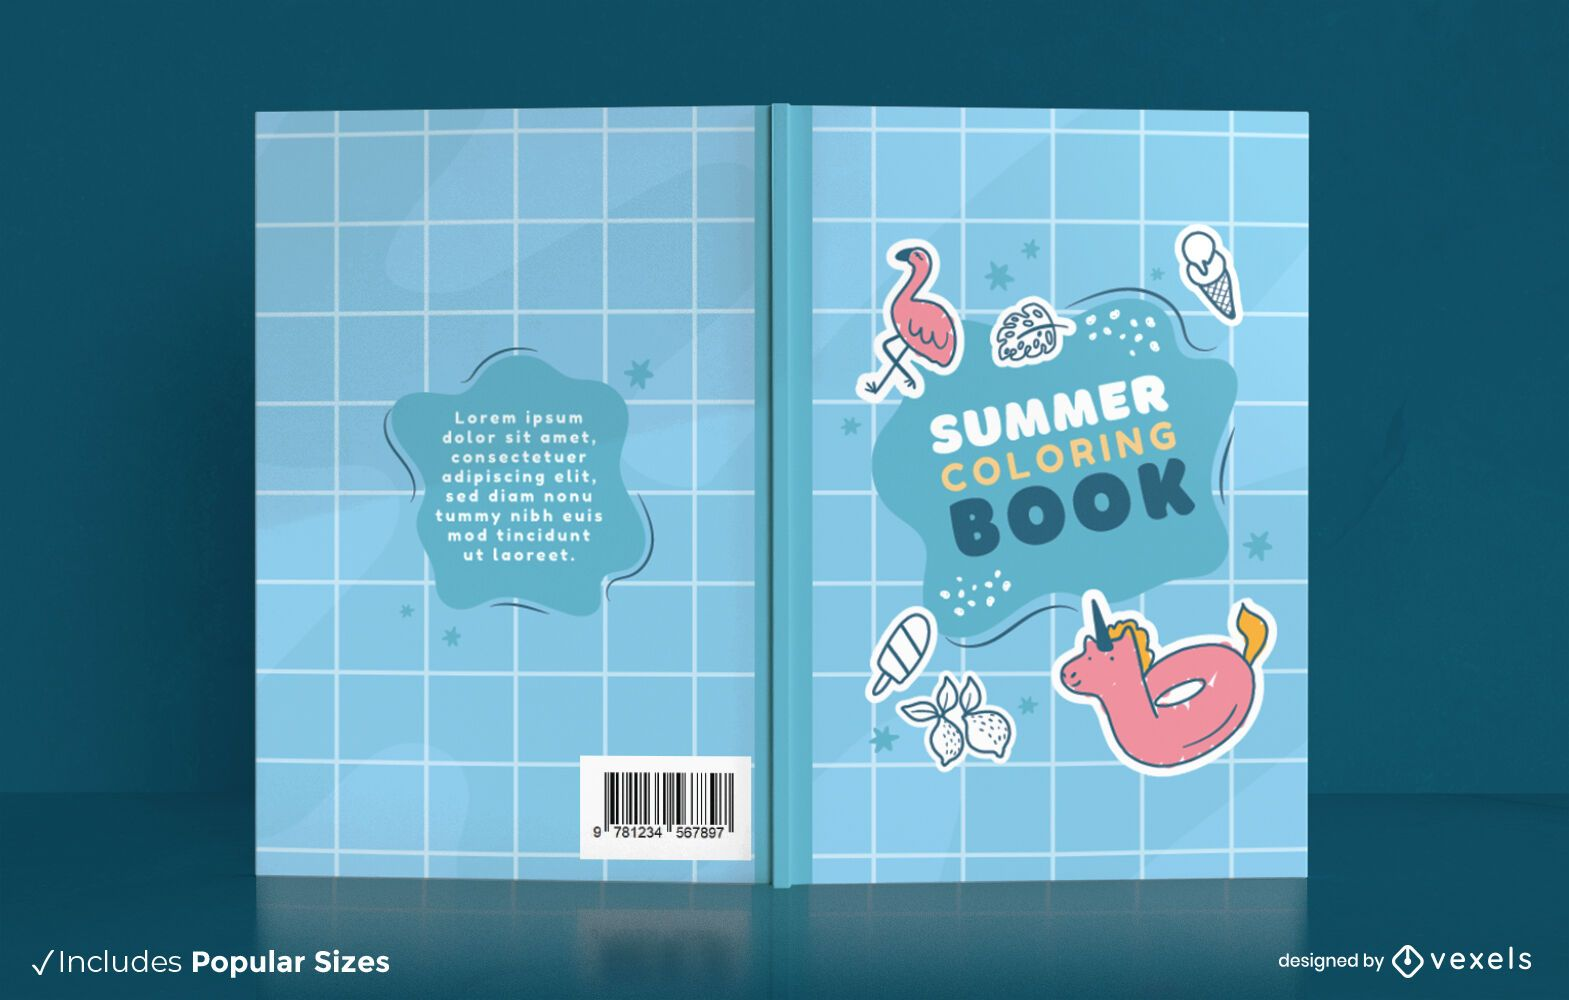 Summer season coloring book cover design